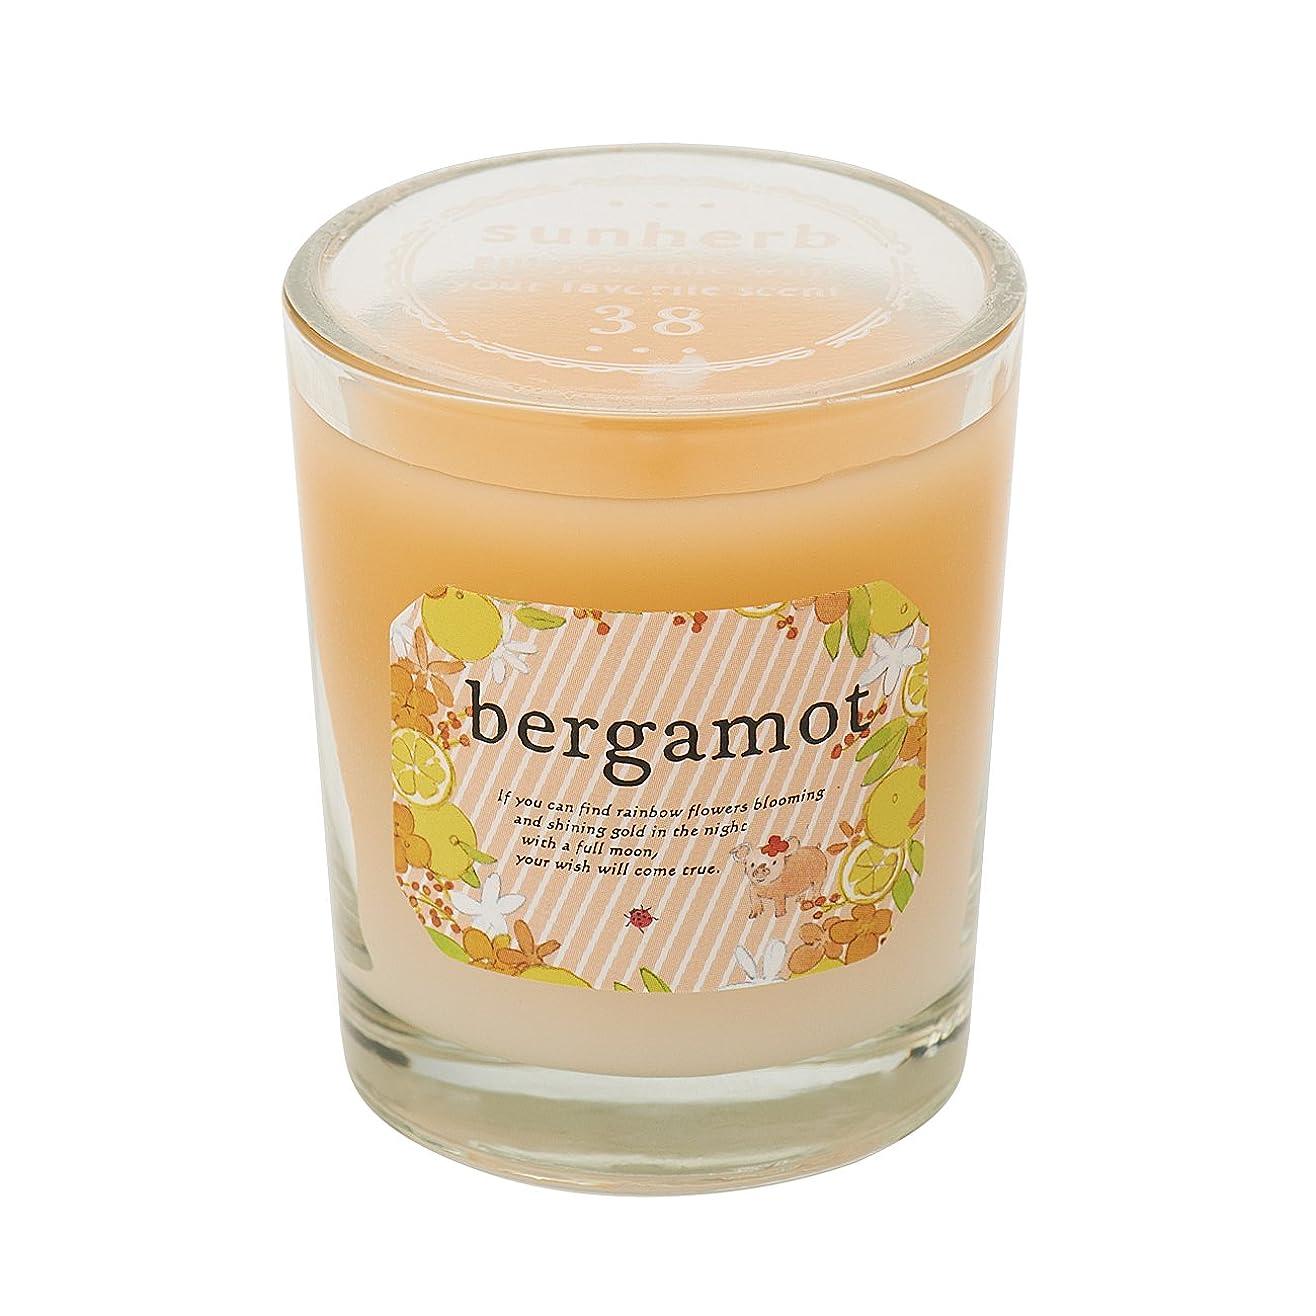 中世のベーリング海峡大声でサンハーブ グラスキャンドル ベルガモット 35g(グラデーションろうそく 燃焼時間約10時間 懐かしい甘酸っぱい香り)